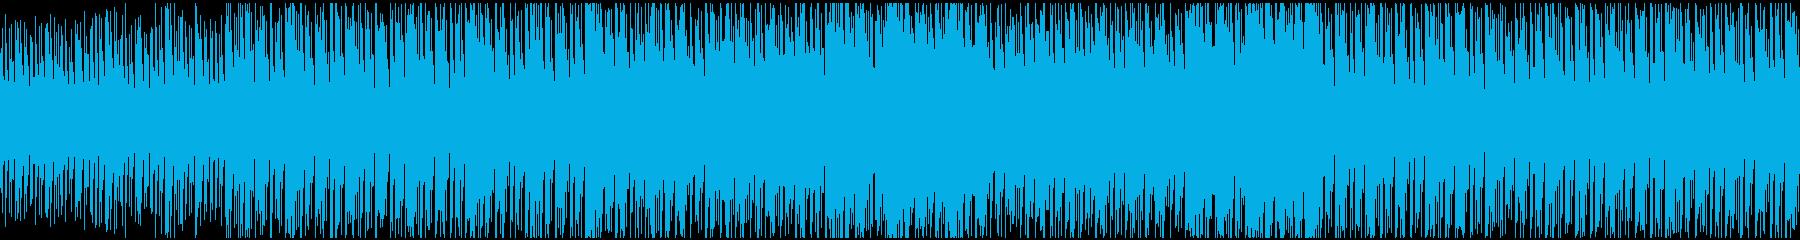 高揚感のあるレトロフューチャーEDMの再生済みの波形